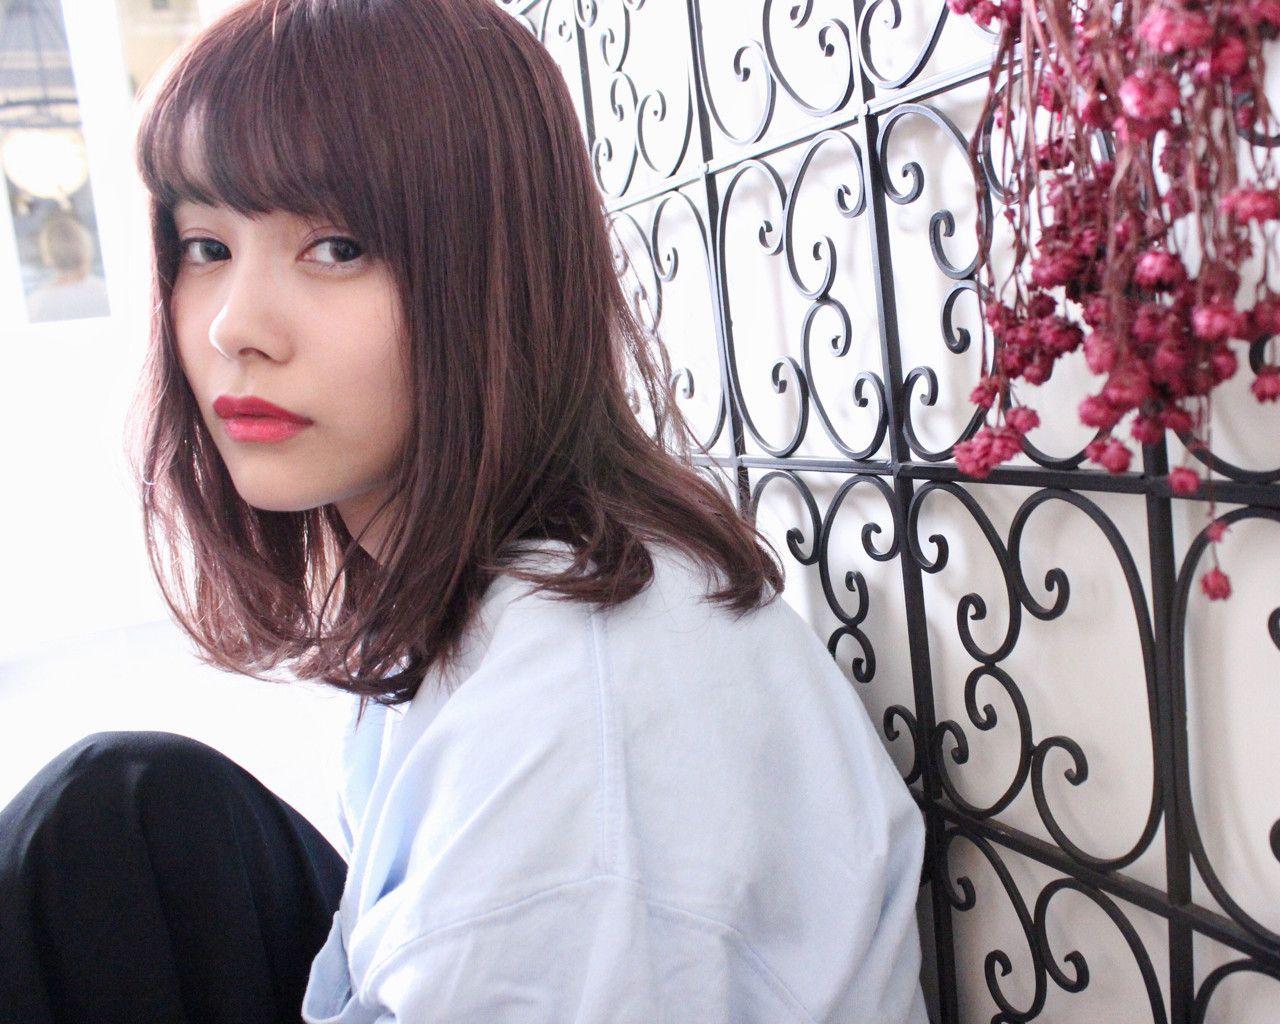 ピンクベージュの髪色で女度up おすすめヘアスタイル10選 ヘア